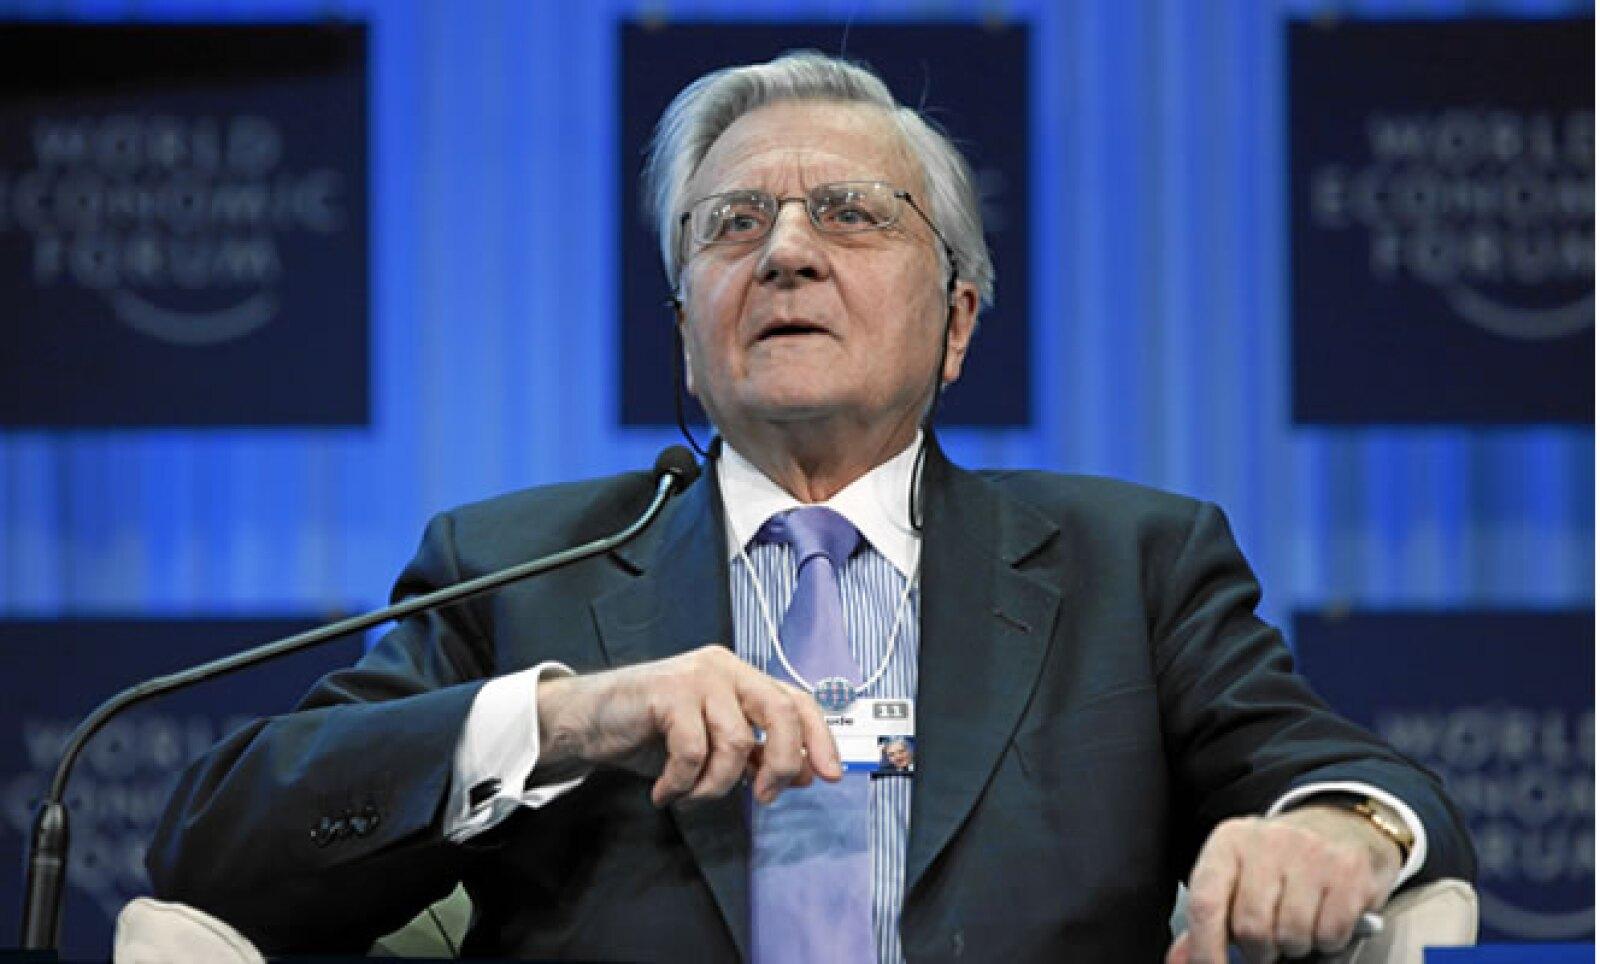 El presiden del Banco Central Europeo, Jean Claude Trichet, hizo eco de la defensa del euro del mandatario francés, Nicolás Sarkozy.